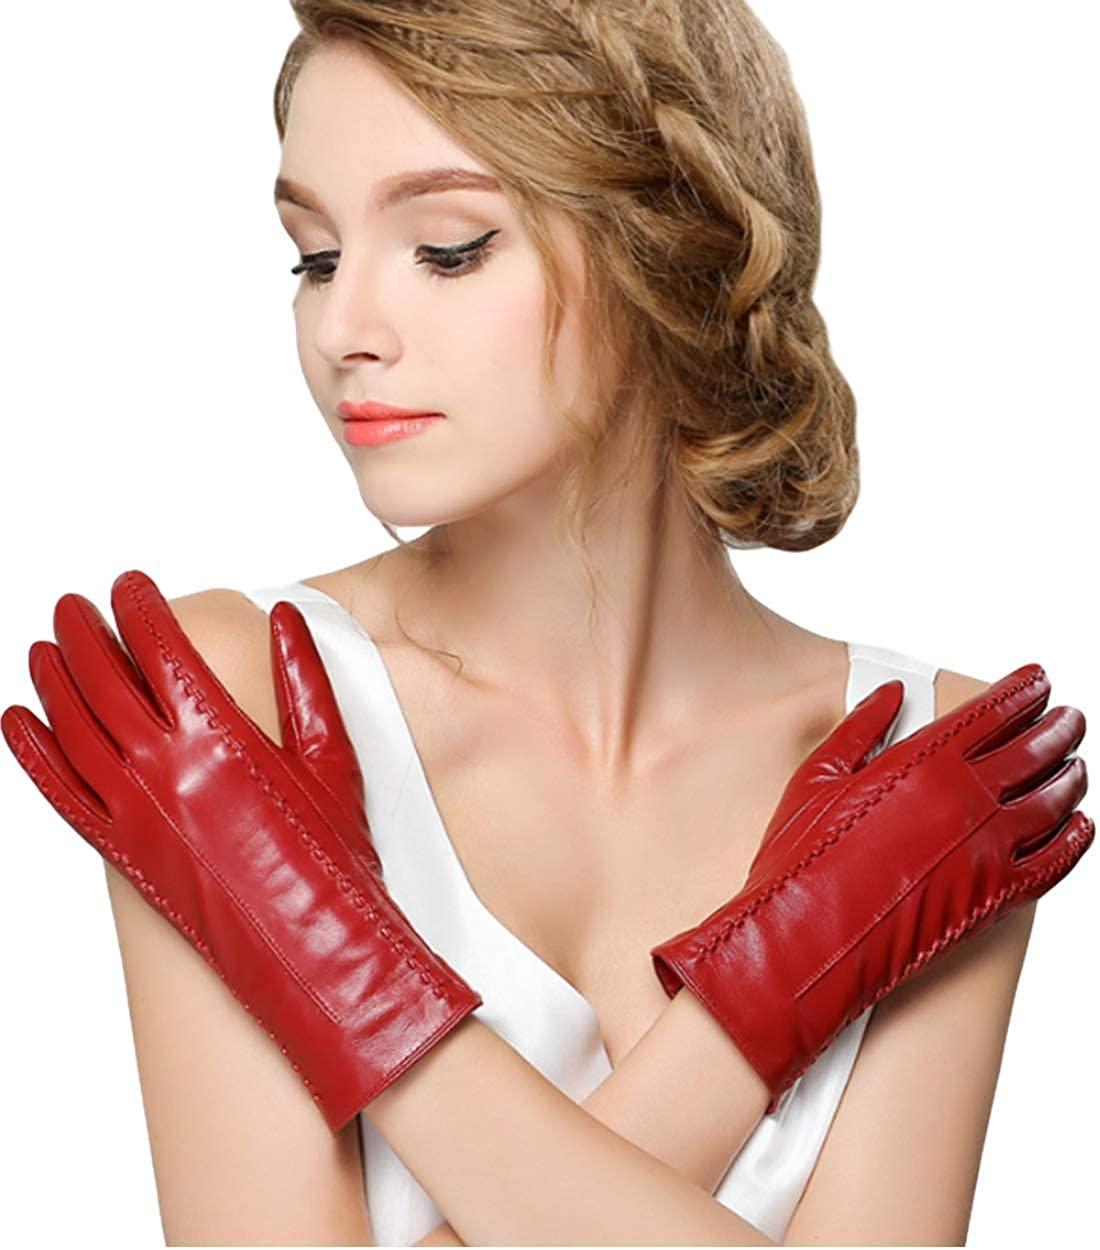 KAIROU Genuine Lambskin Leather Gloves for Women, Full Touchscreen and Velvet Lined